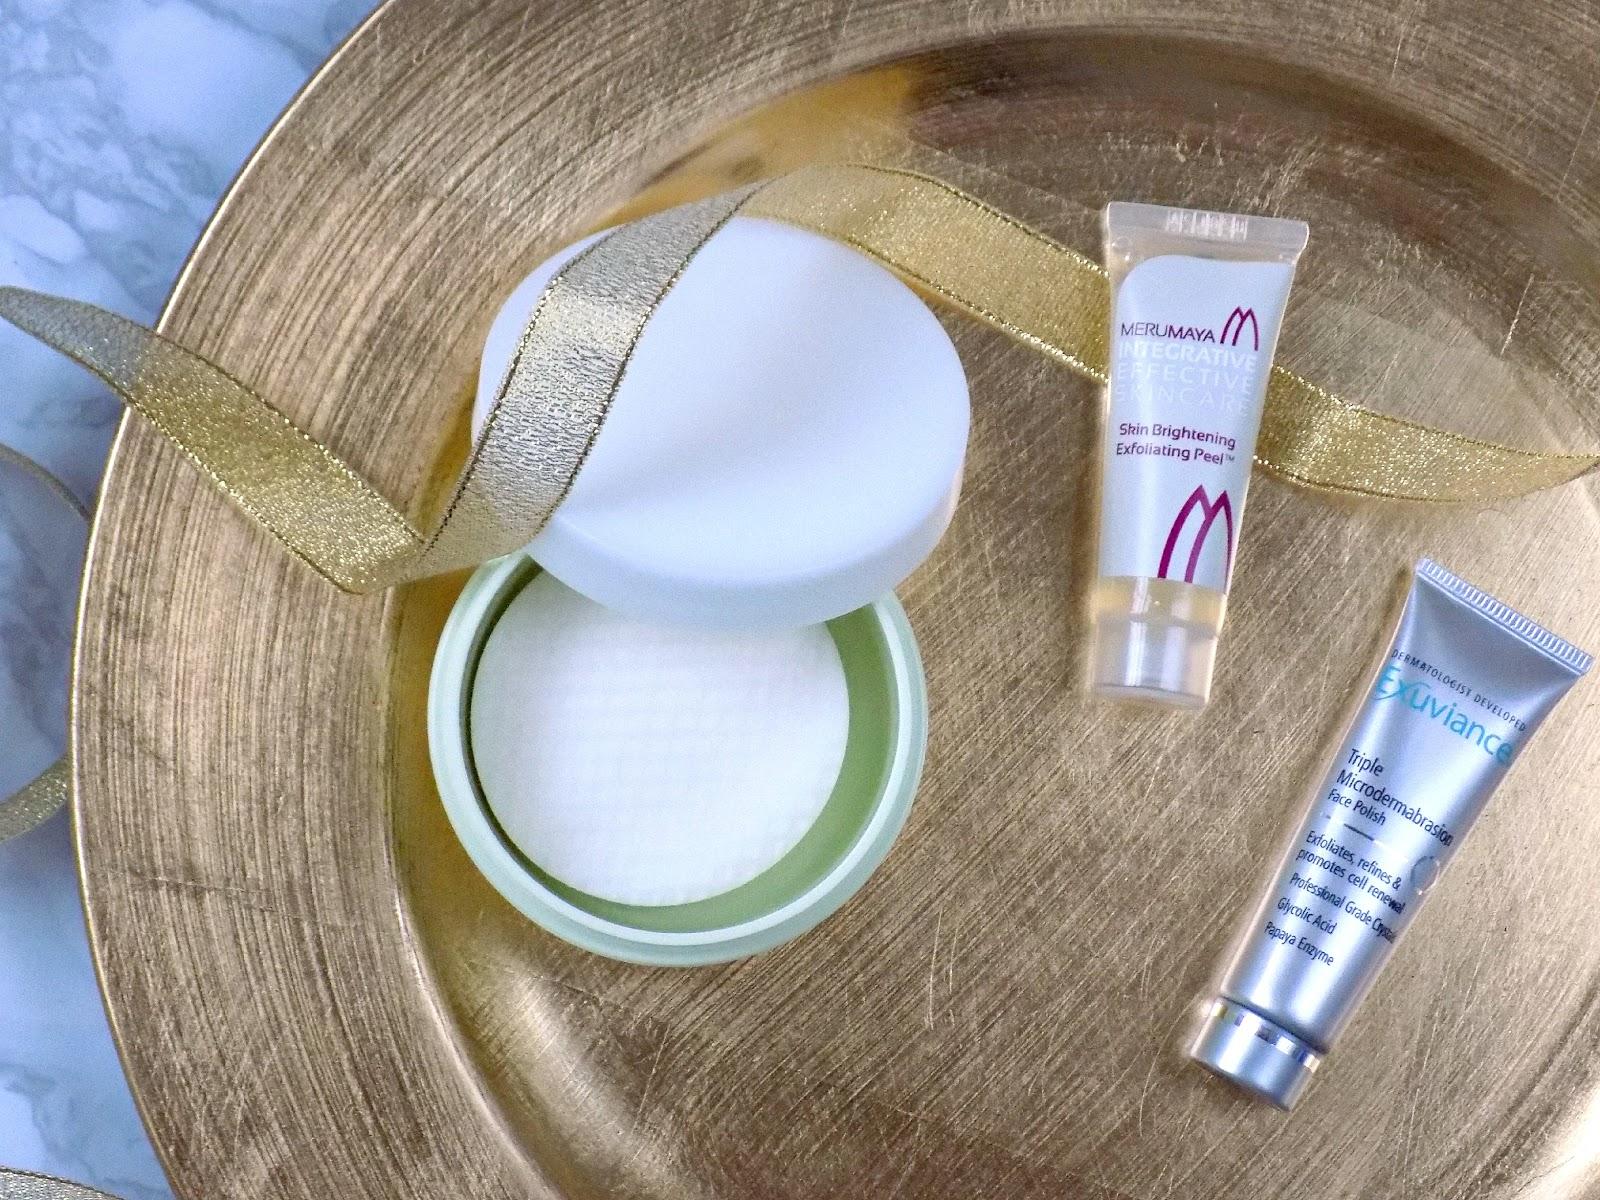 Merumaya Skin Brightening Exfoliating Peel